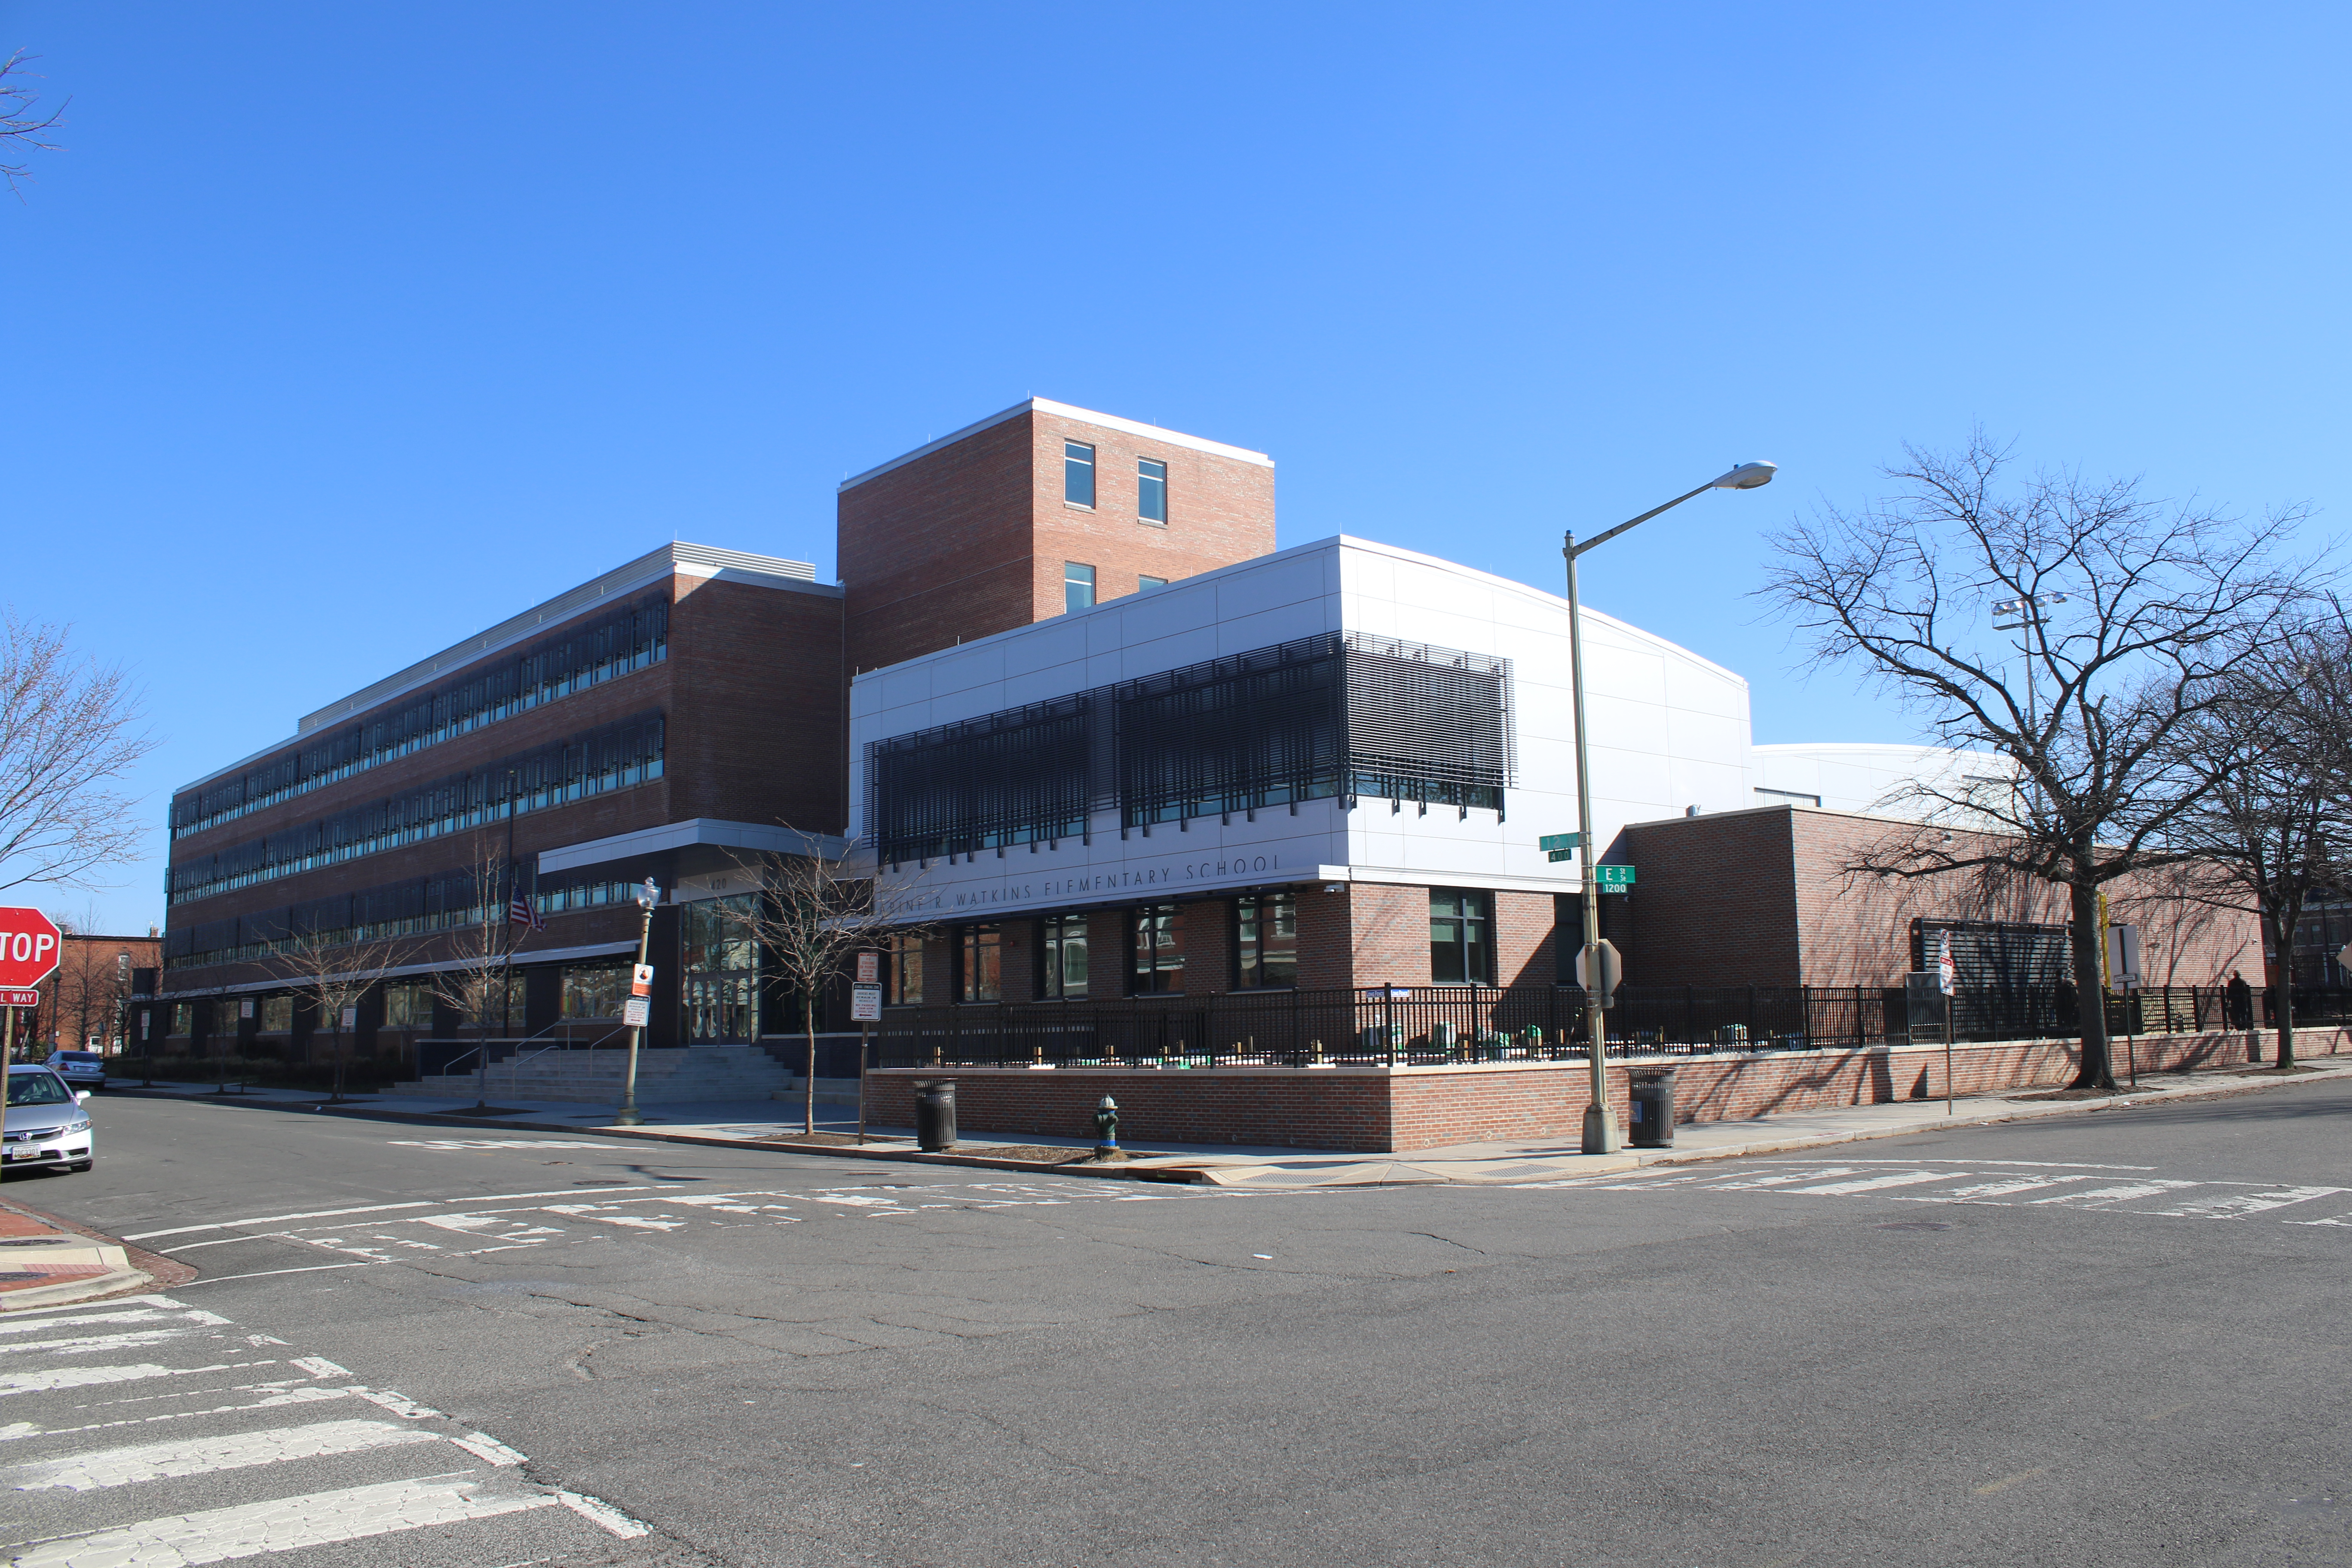 Watkins Elementary School